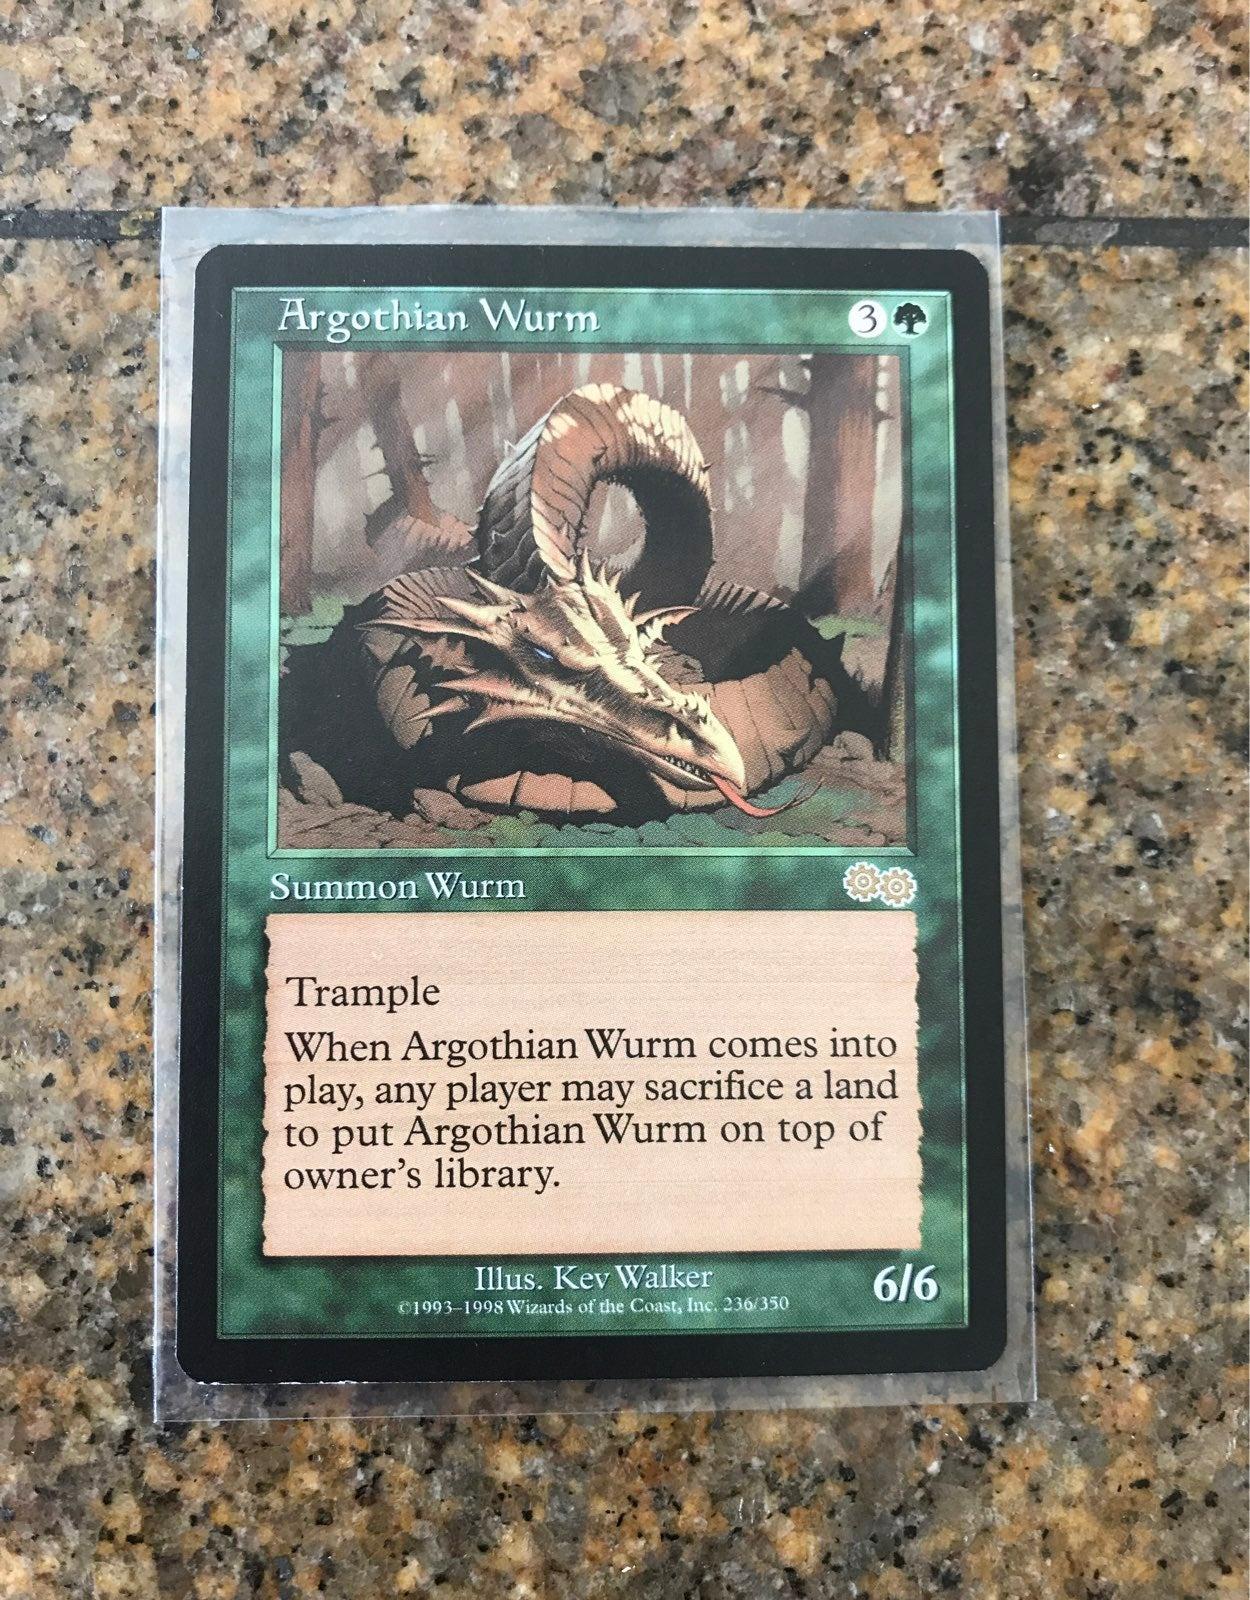 MTG Argothian Wurm card